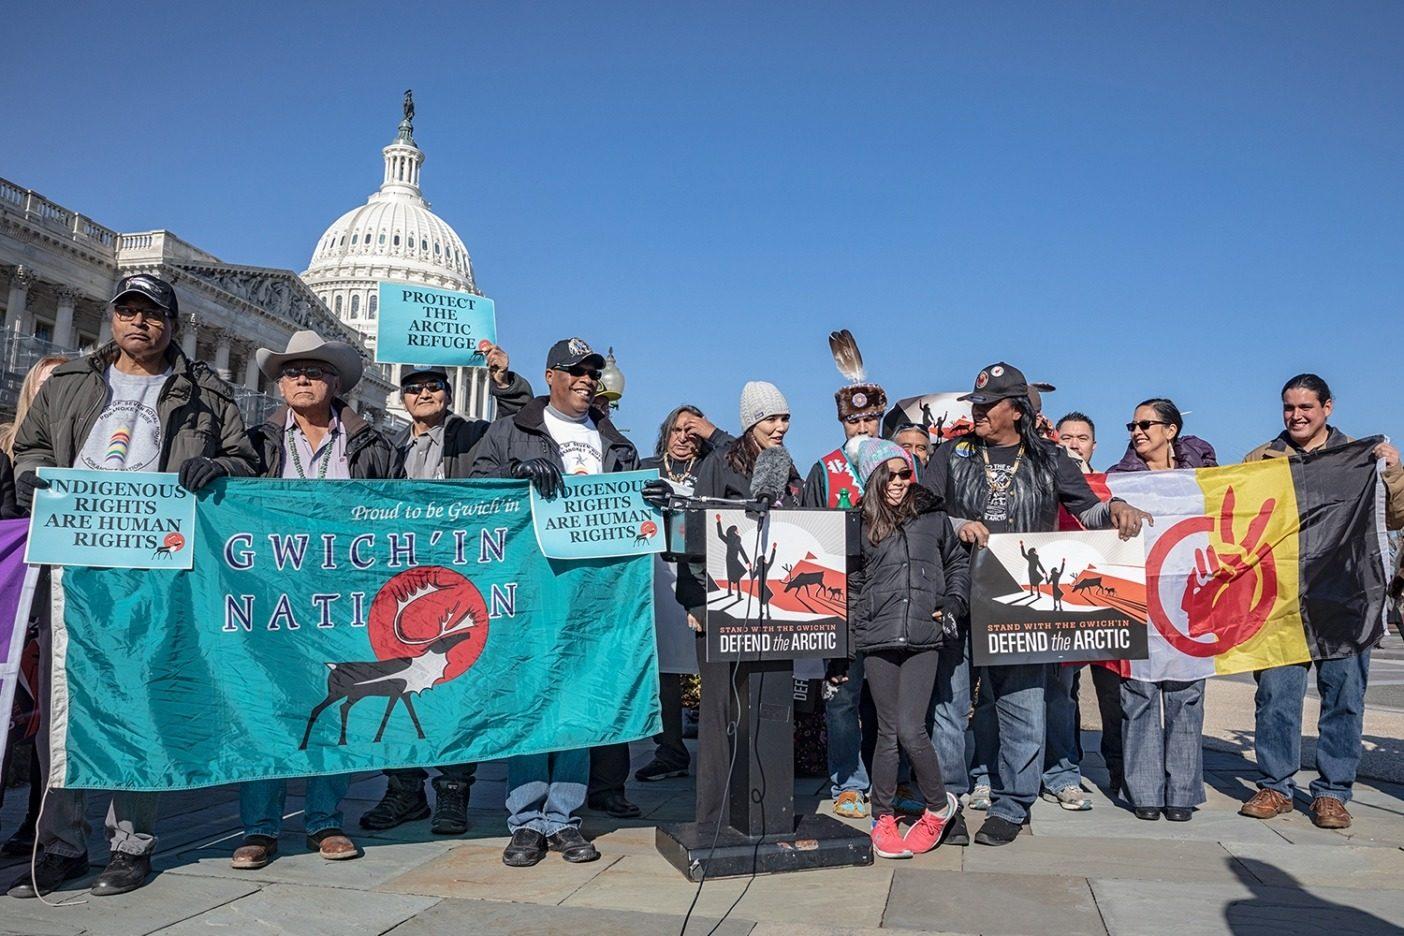 アメリカ合衆国議会議事堂前で記者会見を行う〈Gwich'inSteering Committee〉のメンバーたち。グウィッチンの人びとは、保護区を守る闘いが、地元を守るためだけでなく、世界中の聖なる土地を守ることに関わると理解している。ワシントンDC Photo: Keri Oberly